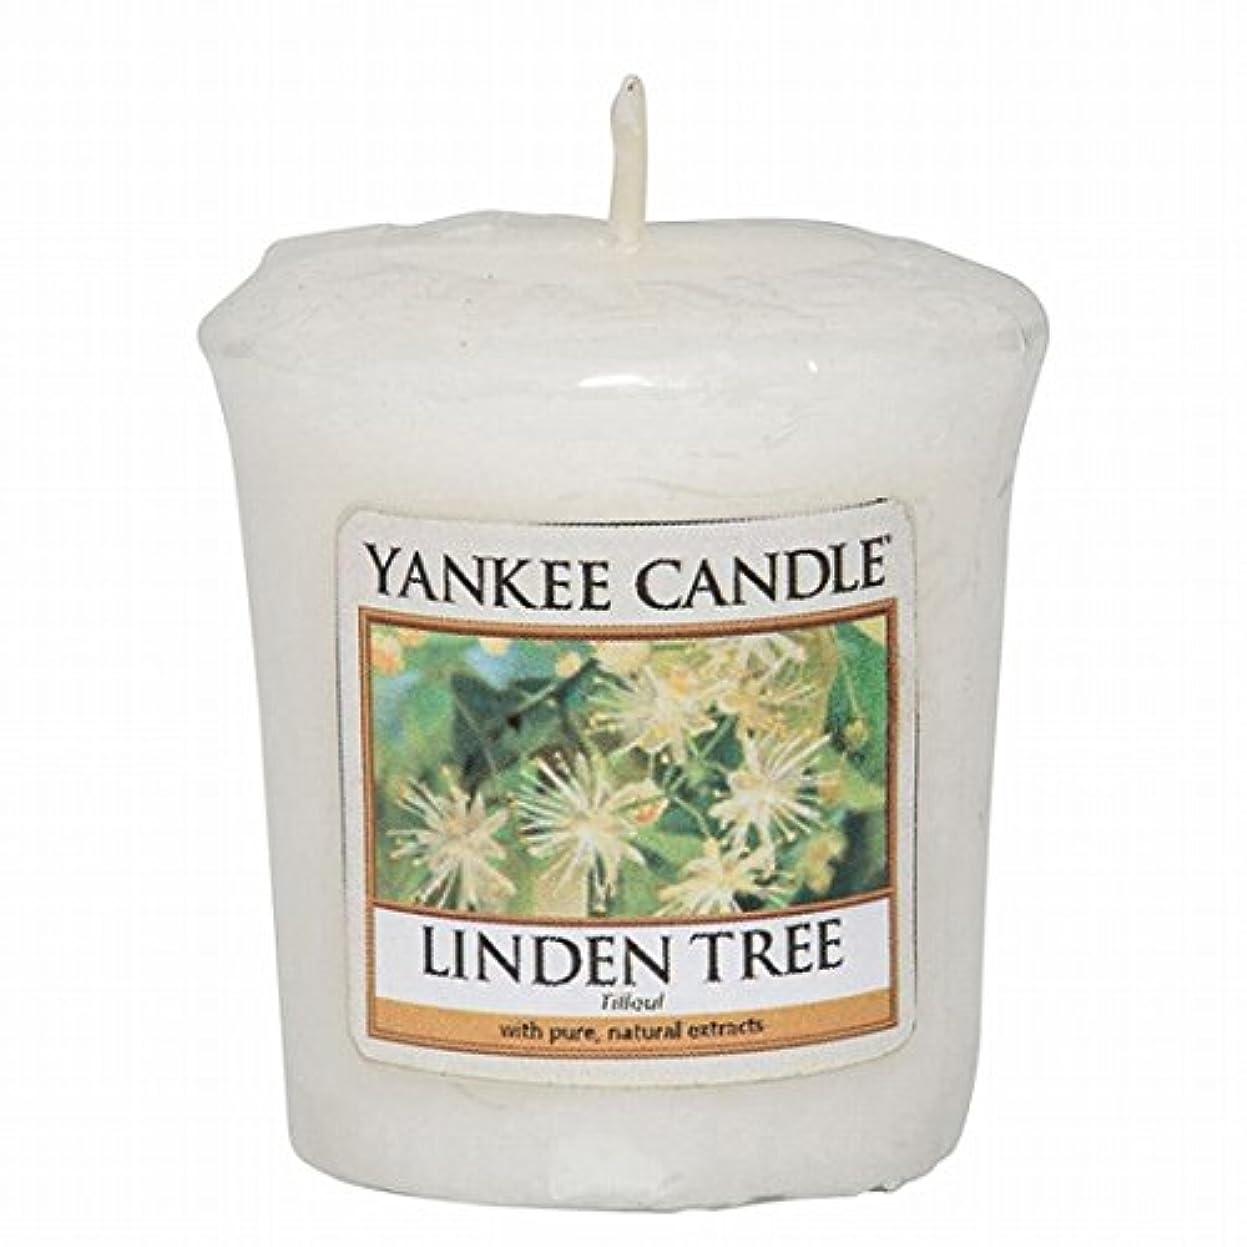 座る嵐のスペシャリストYANKEE CANDLE(ヤンキーキャンドル) YANKEE CANDLE サンプラー 「リンデンツリー」(K00105289)